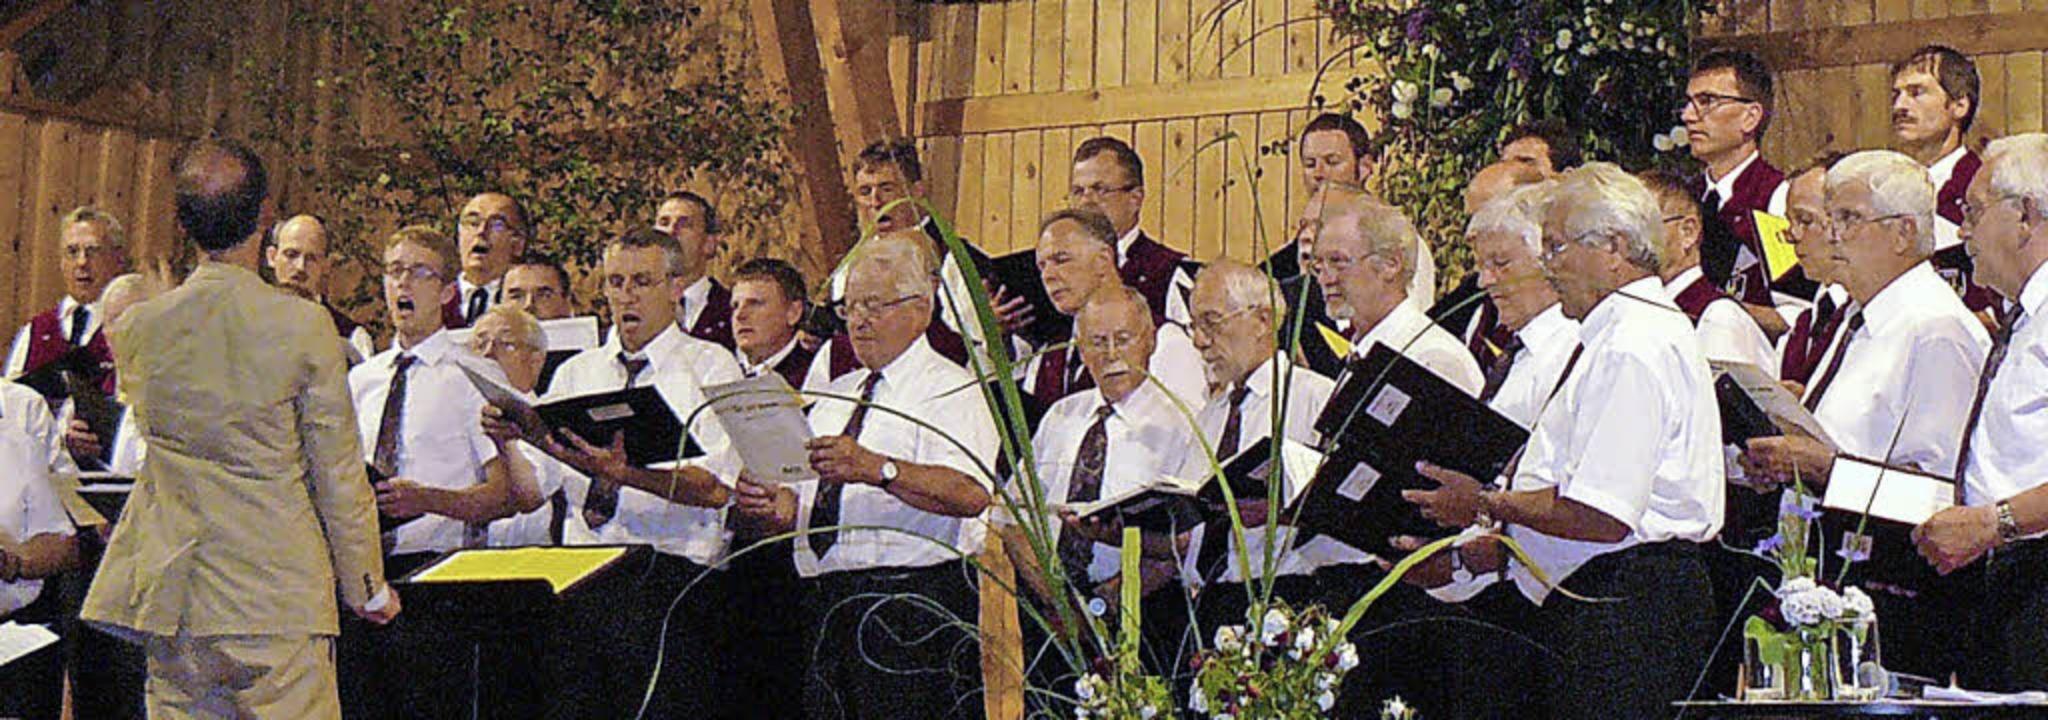 Das Finale mit Udo Jürgens Hymne an di... Nagel zu einem stimmgewaltigen Chor.   | Foto: Edeltraud Blume